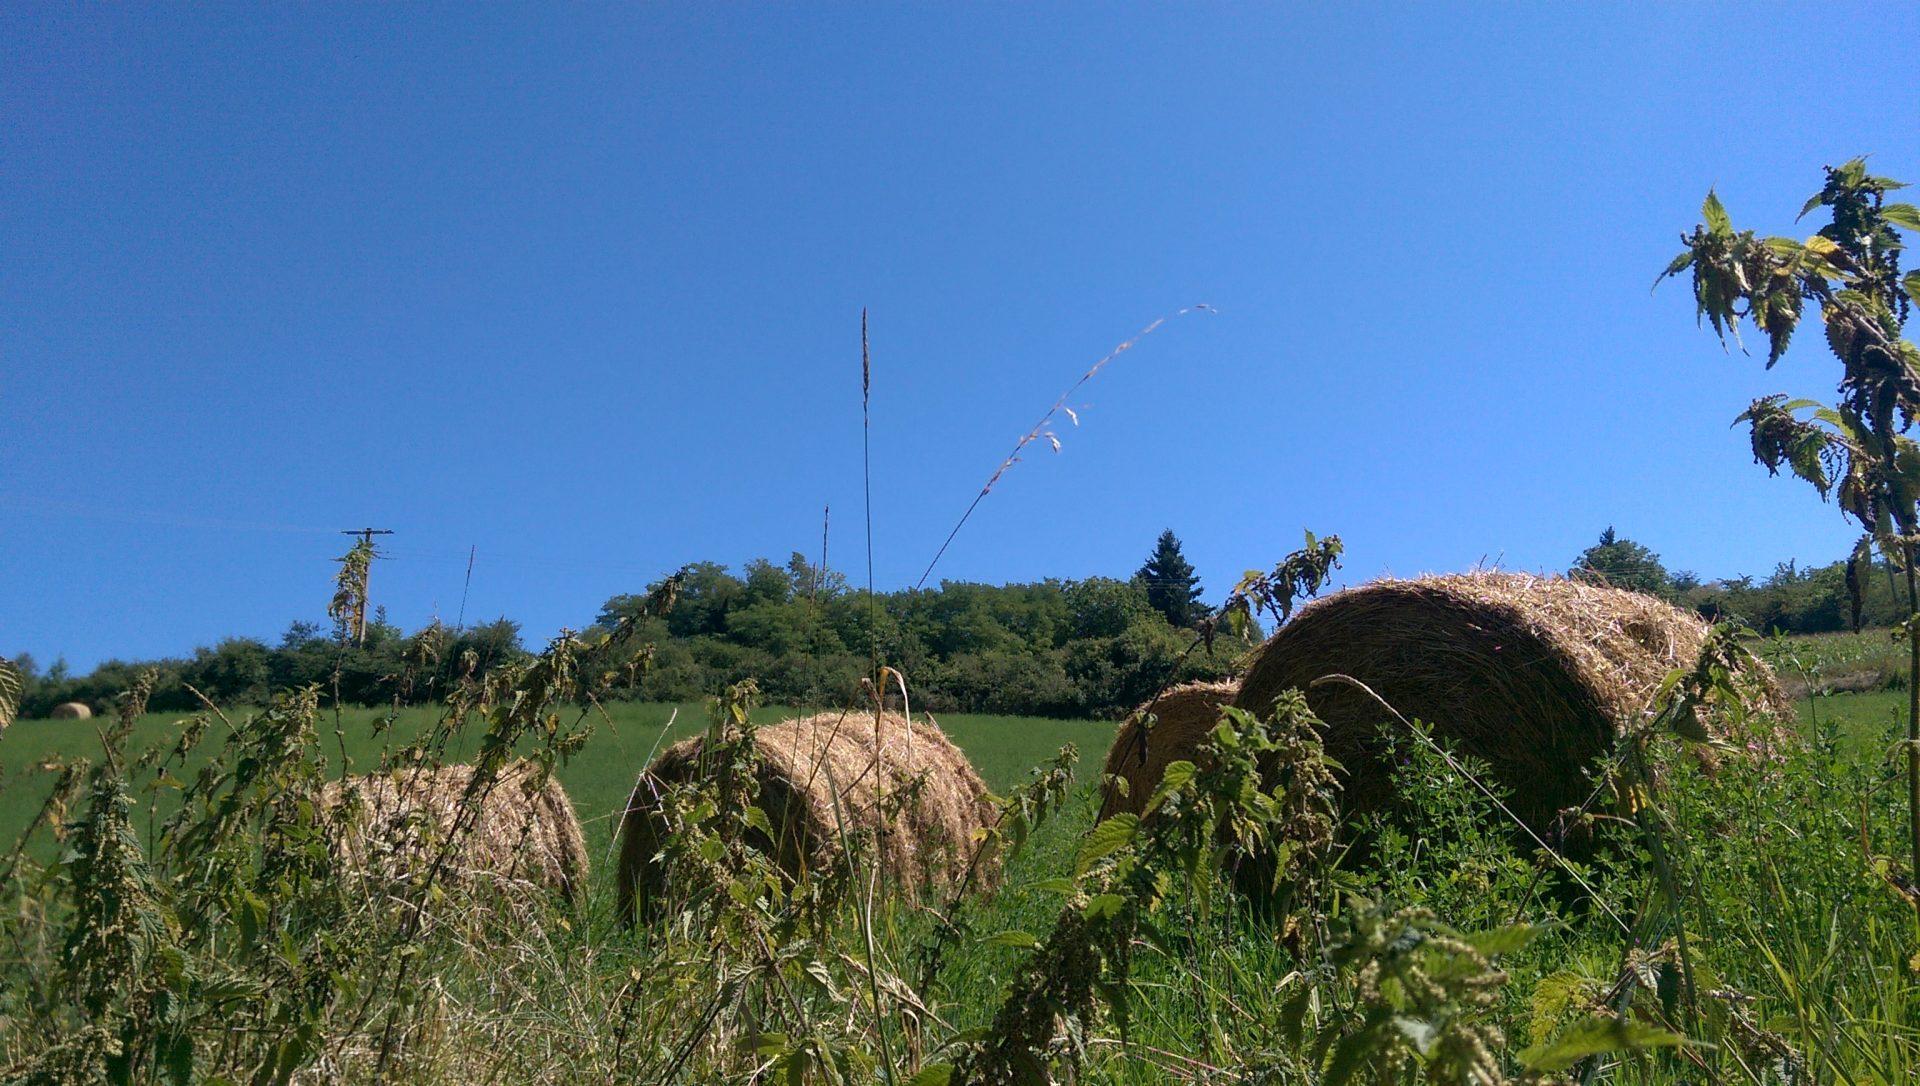 Mais le ciel est toujours plus bleu - Crédit photo izart.fr